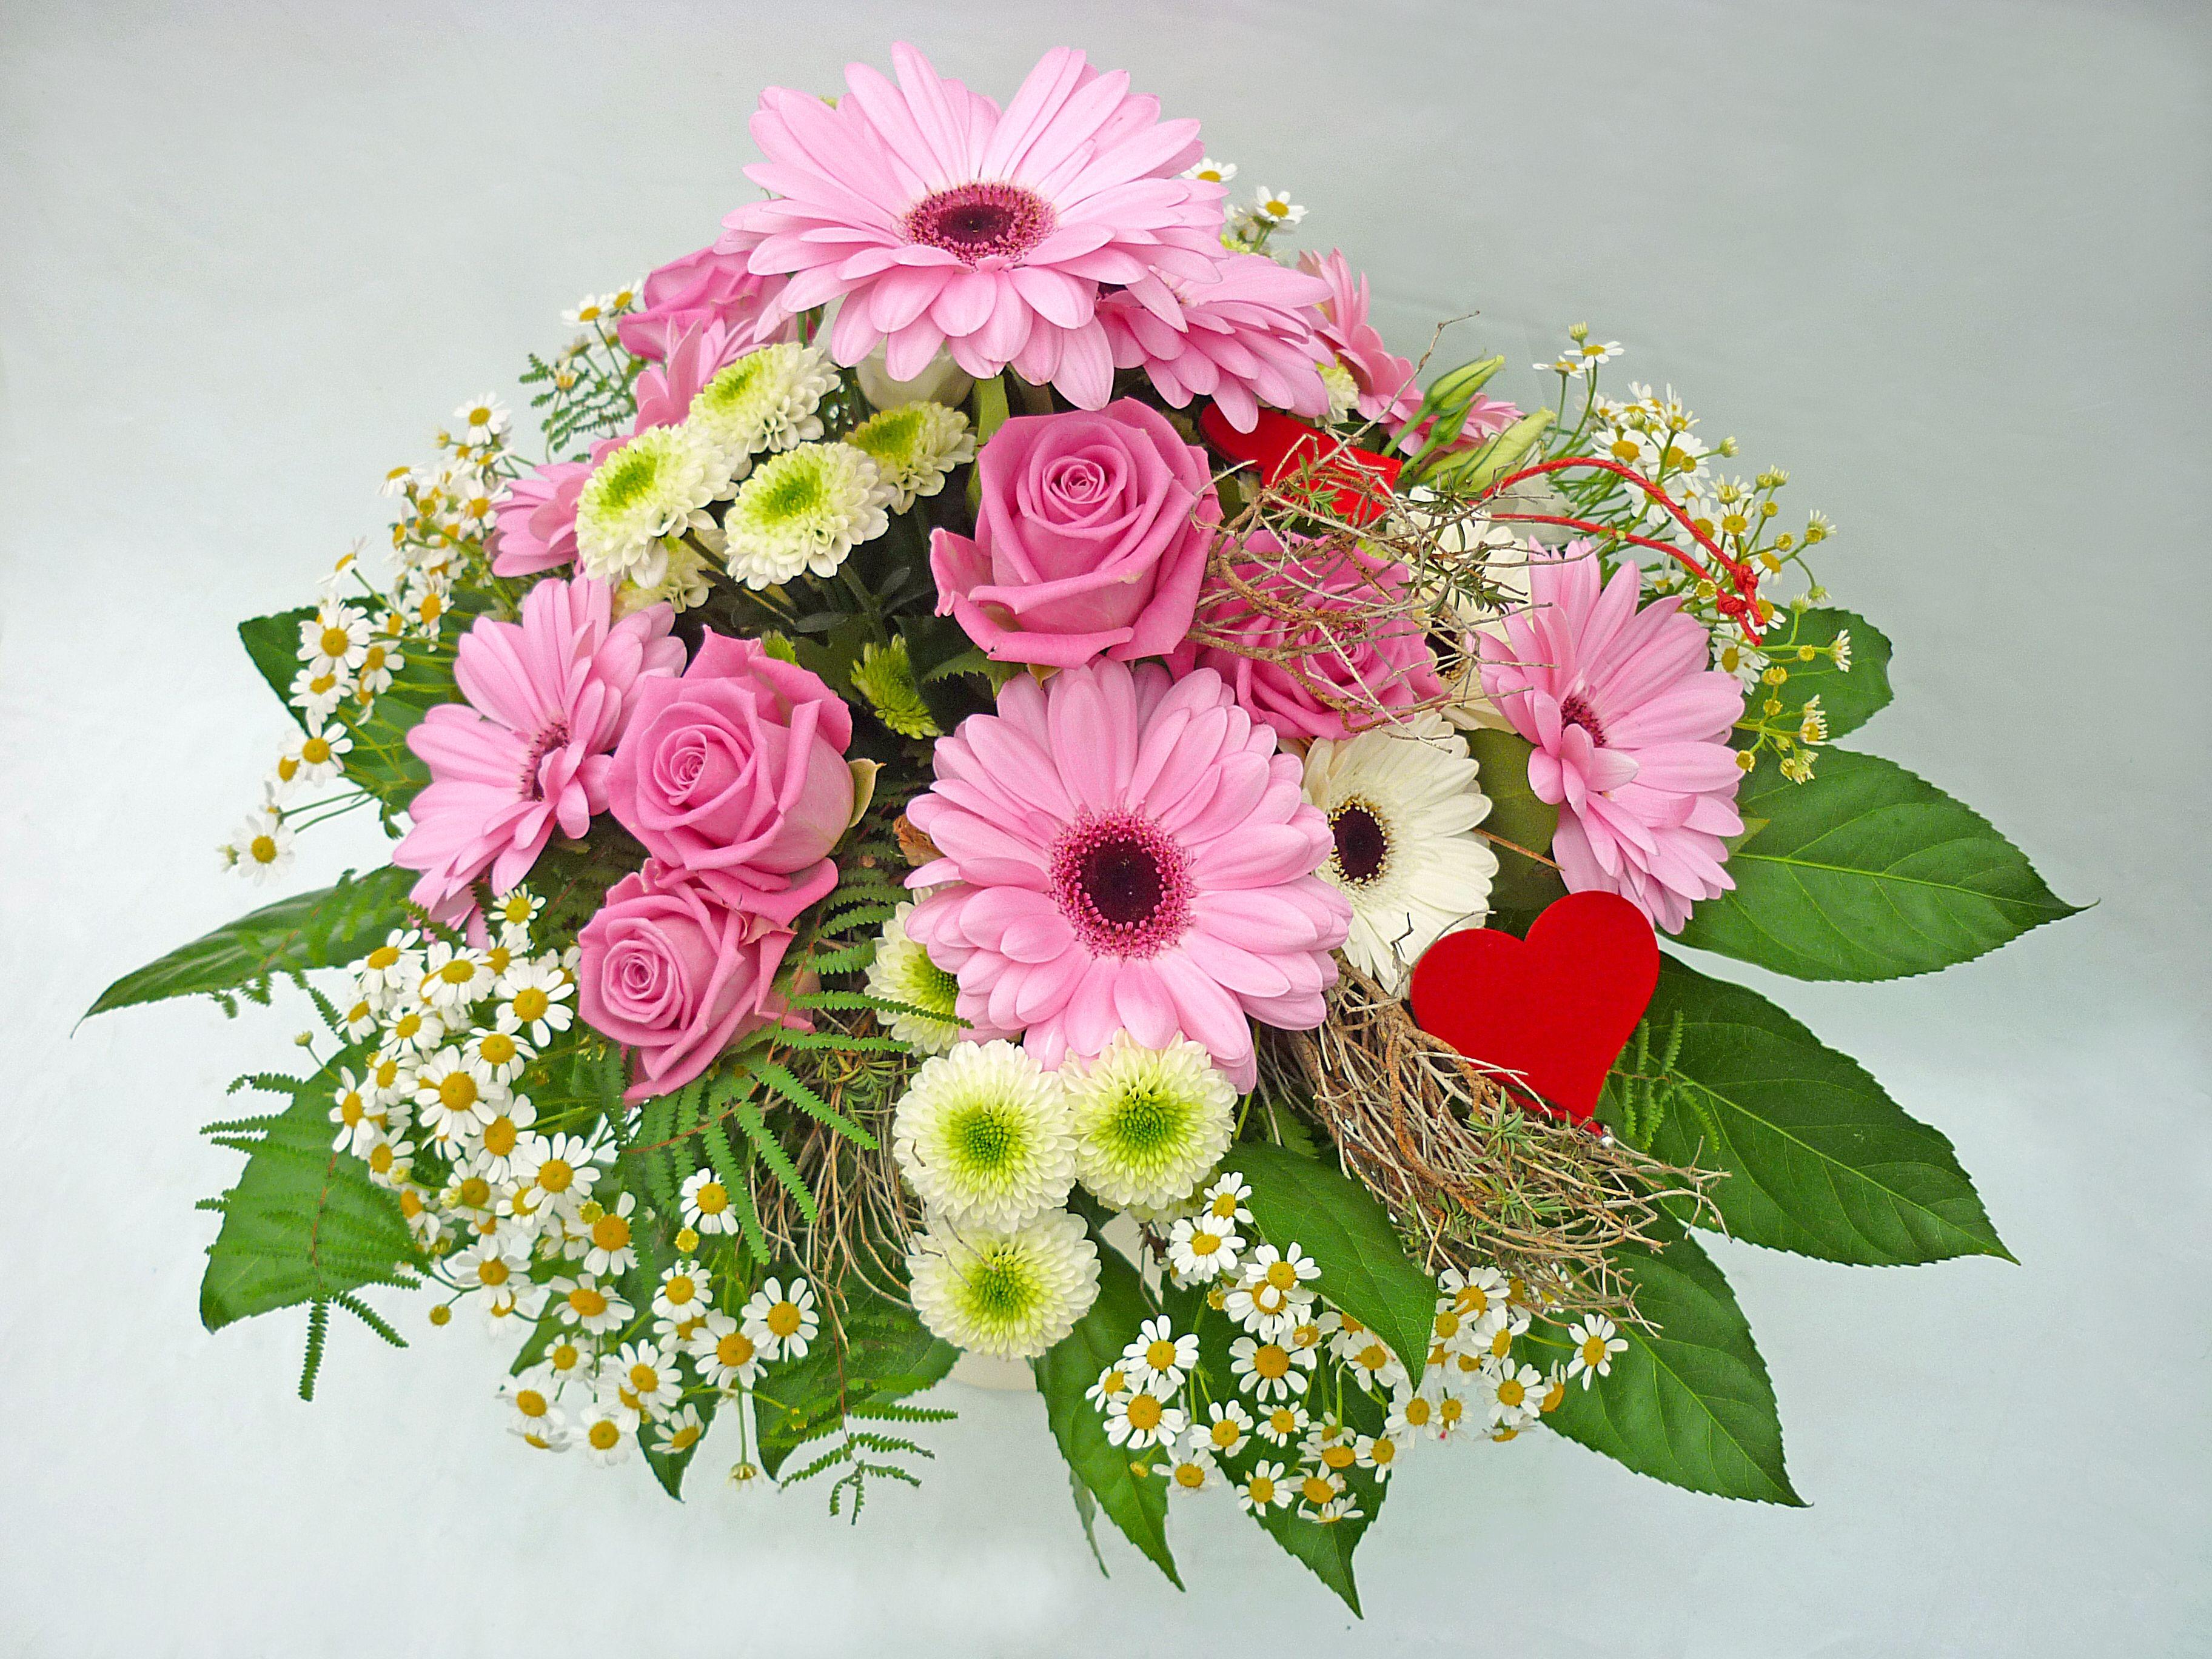 Blumengroßhandel Ritzka Muttertagsstrauß Rosa Ist Die Dominierende Farbe Unseres Floristik Tipps Zum Muttertag Die Rosen Der Sorte Muttertag Blumen Mutter